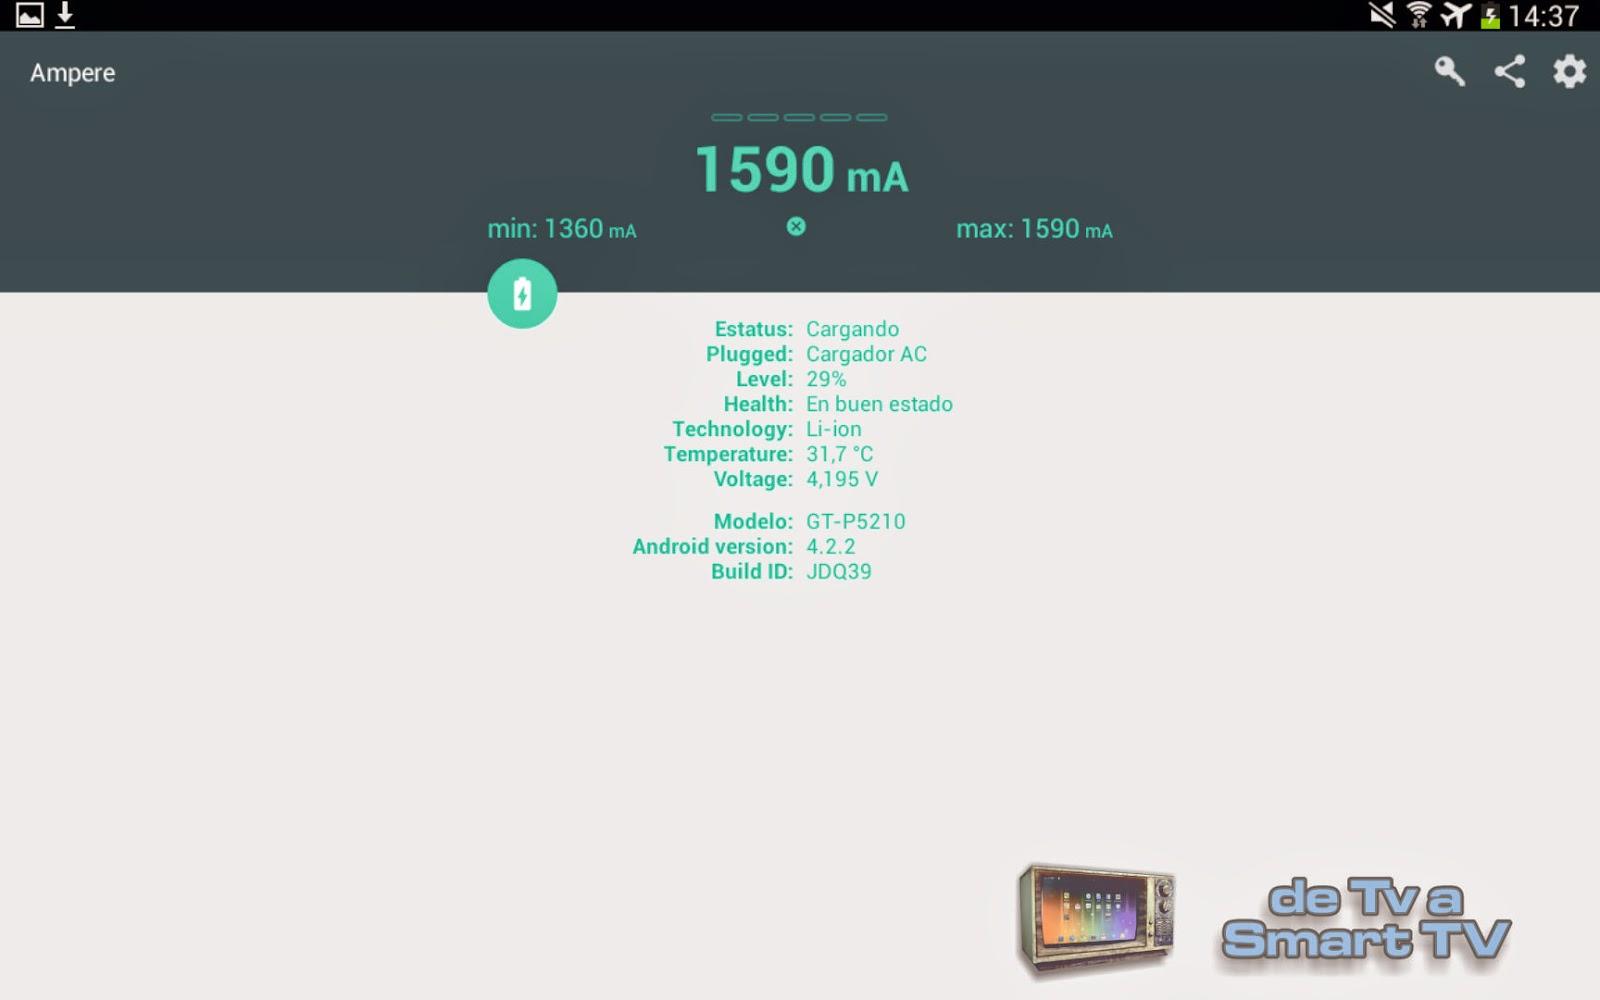 Ampere v1.44 - de TV a Smart TV